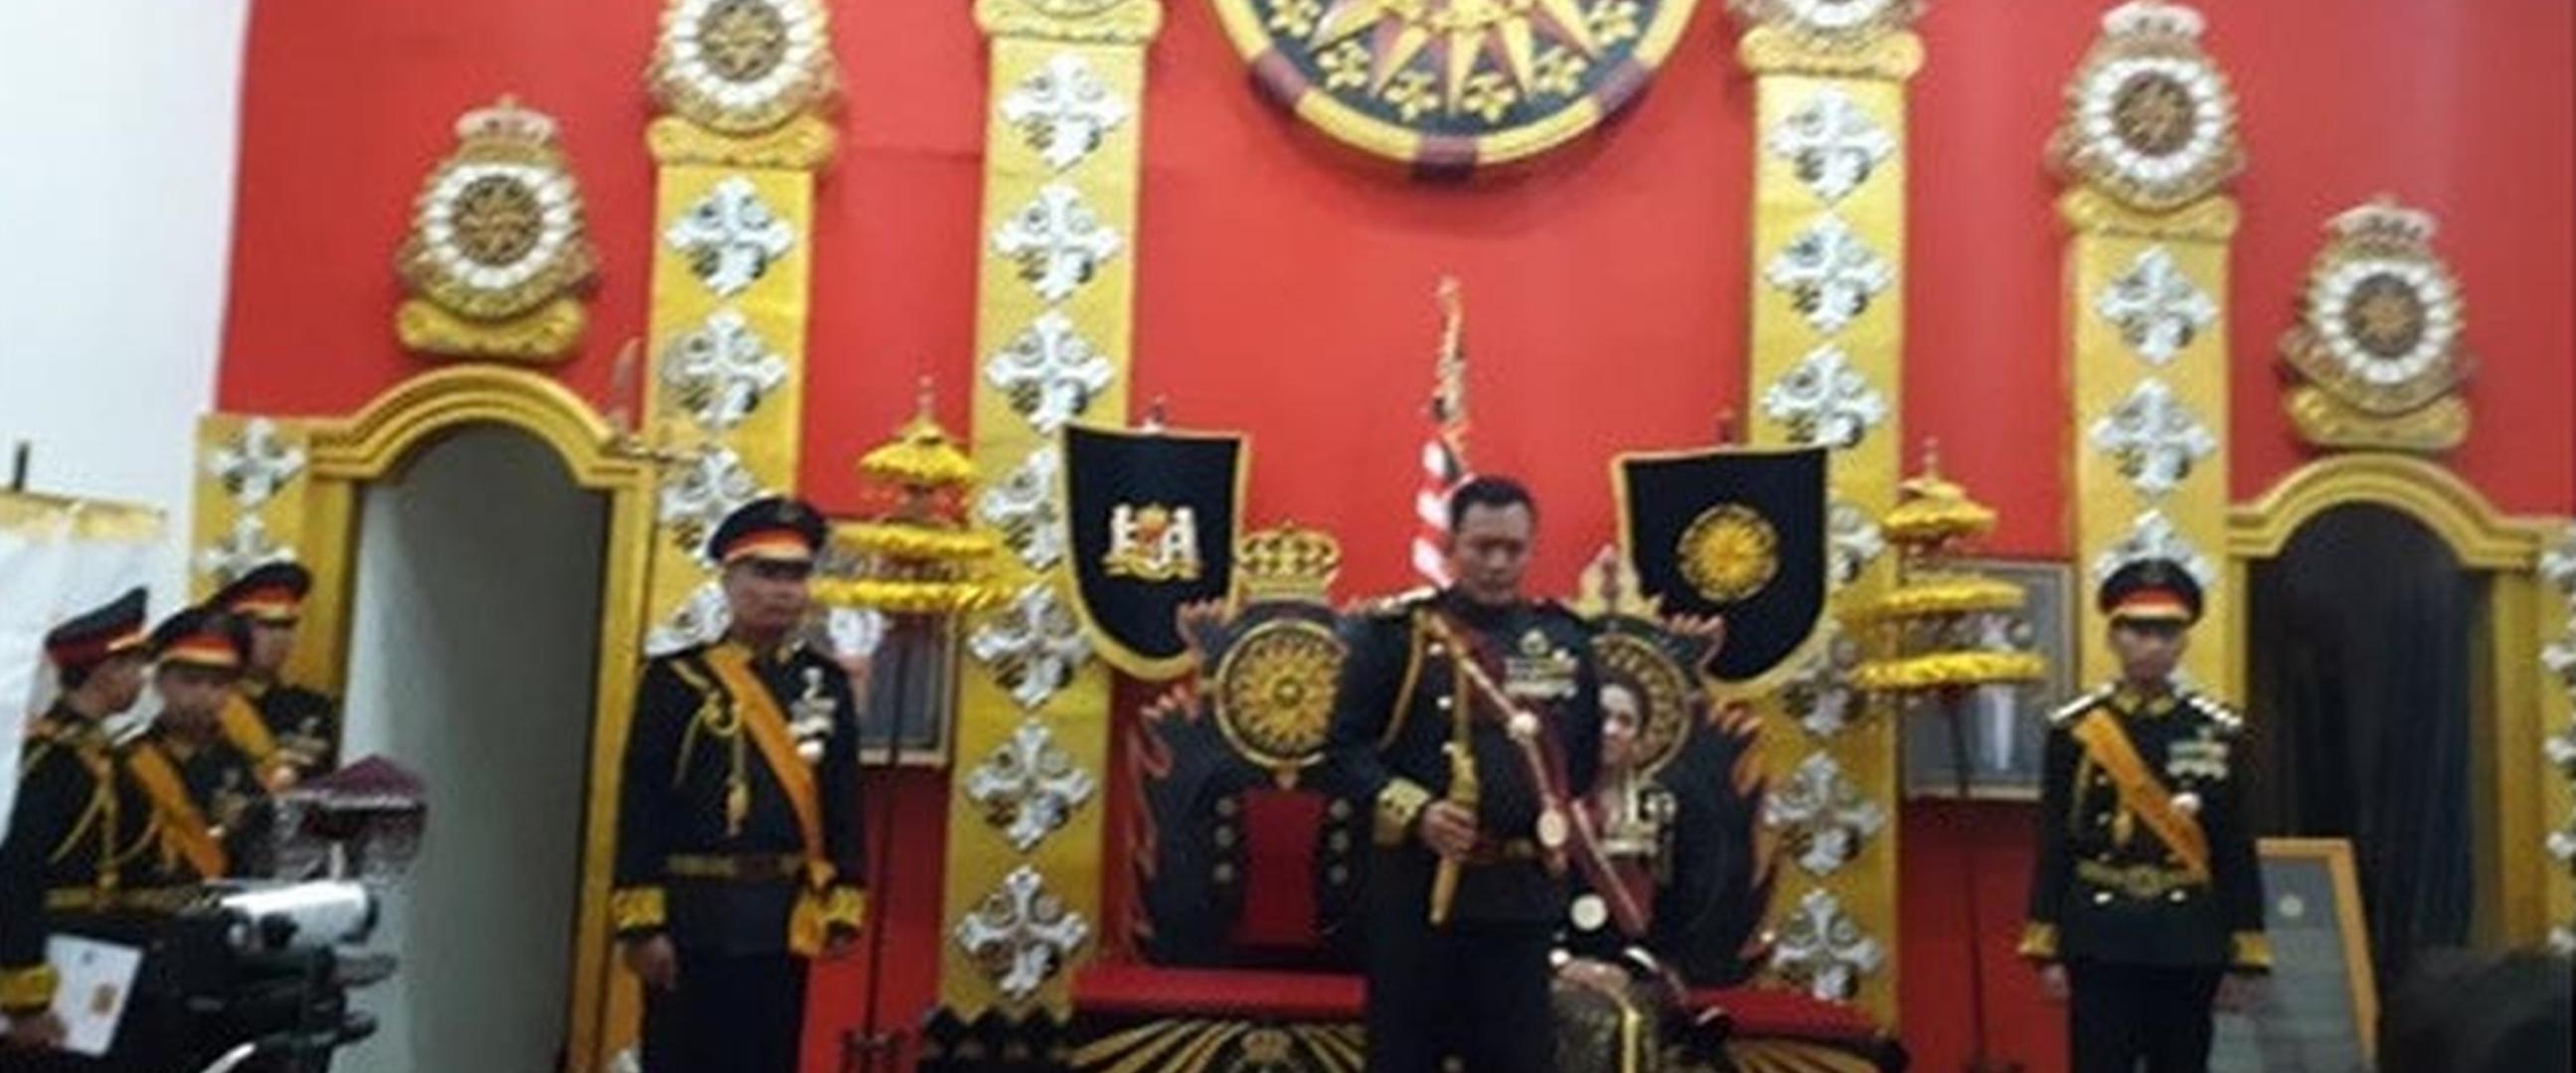 Image Result For Raja Keraton Agung Sejagat